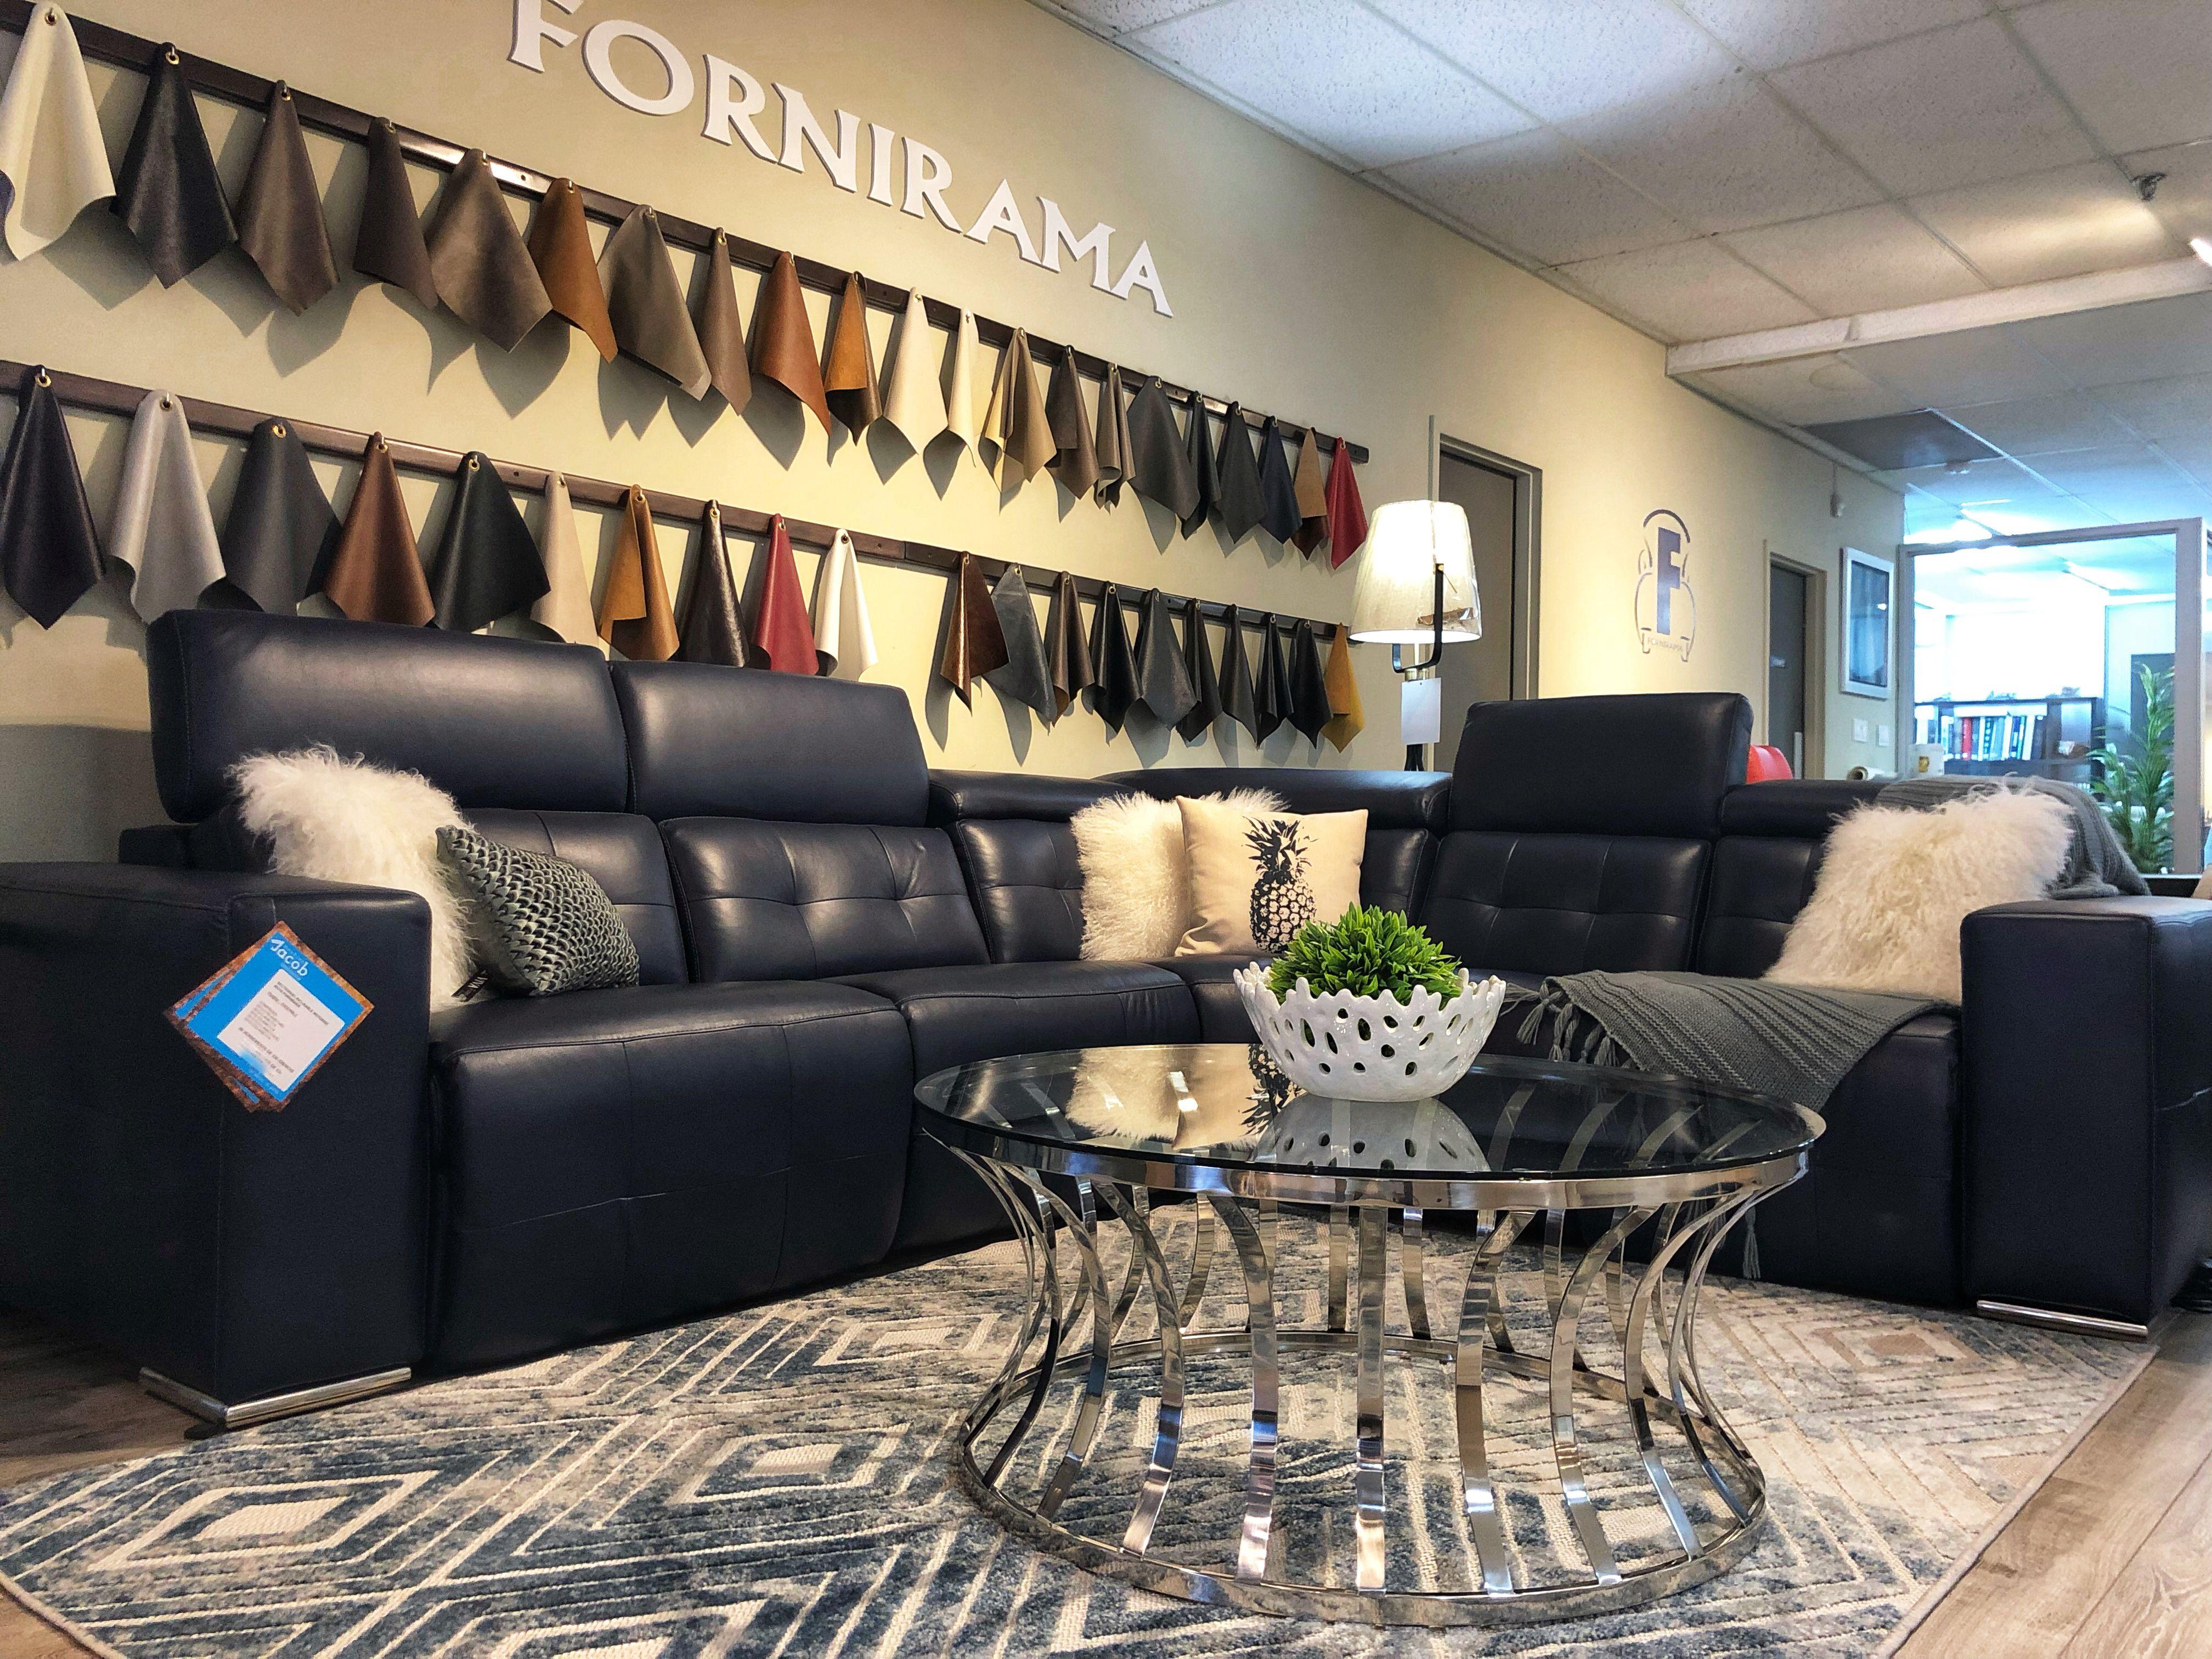 Fornirama Furniture Home Decor Recliner